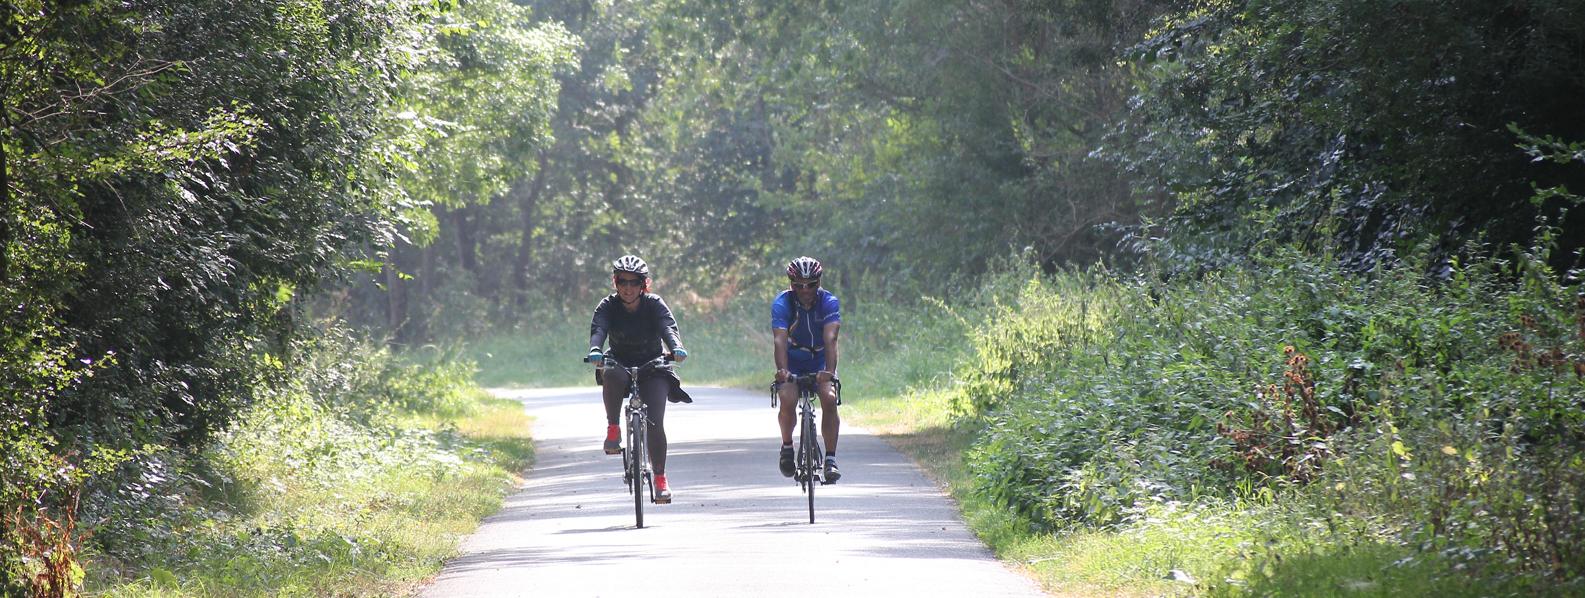 Loire cycling trail